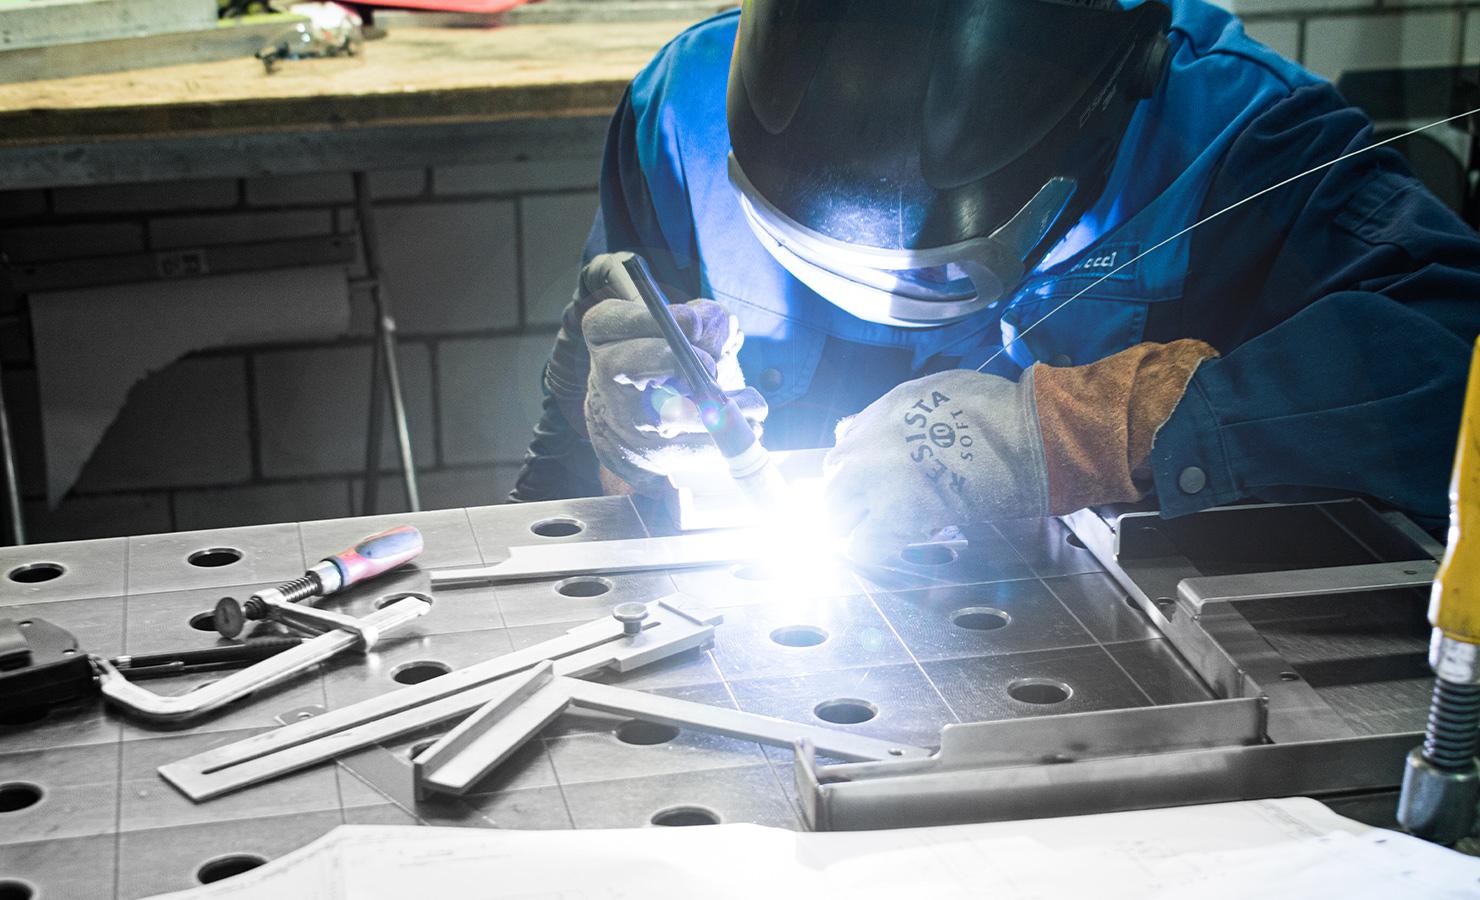 Ein Mitarbeiter mit Schutzhelm beleuchtet ein Bauteil auf der Montagebank